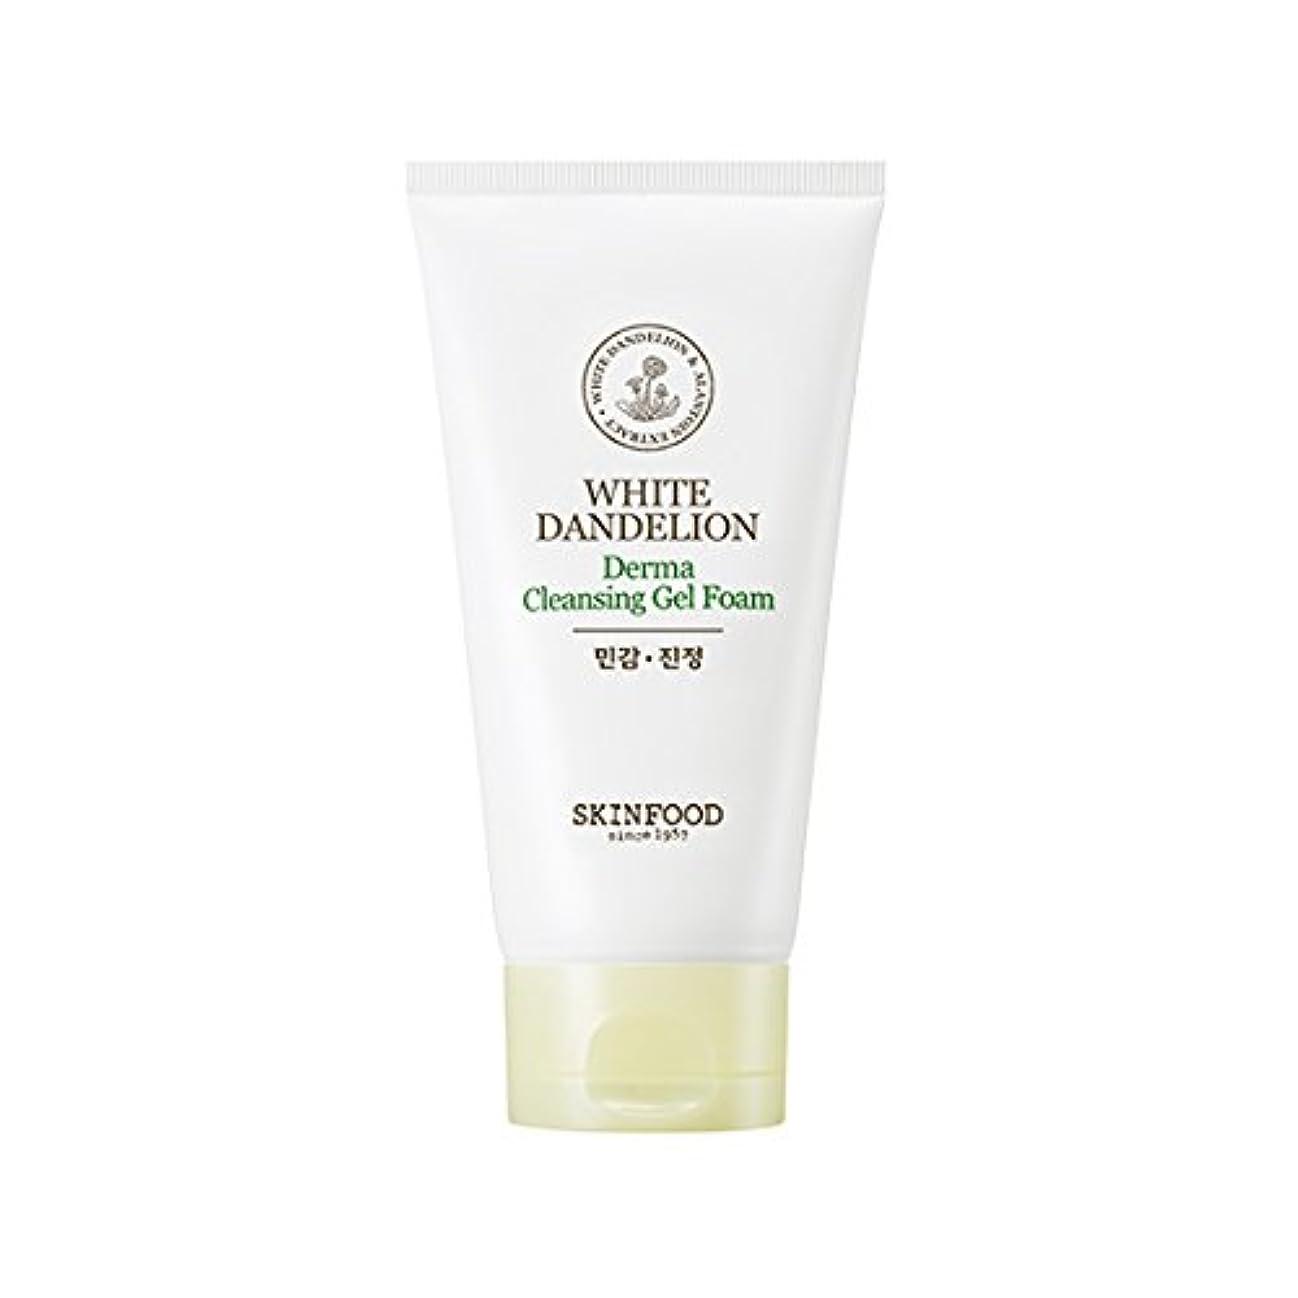 添加剤激しい流出Skinfood/White Dandelion Derma Cleansing Gel Foam/ホワイトタンポポダーマクレンジングジェルフォーム/150ml [並行輸入品]